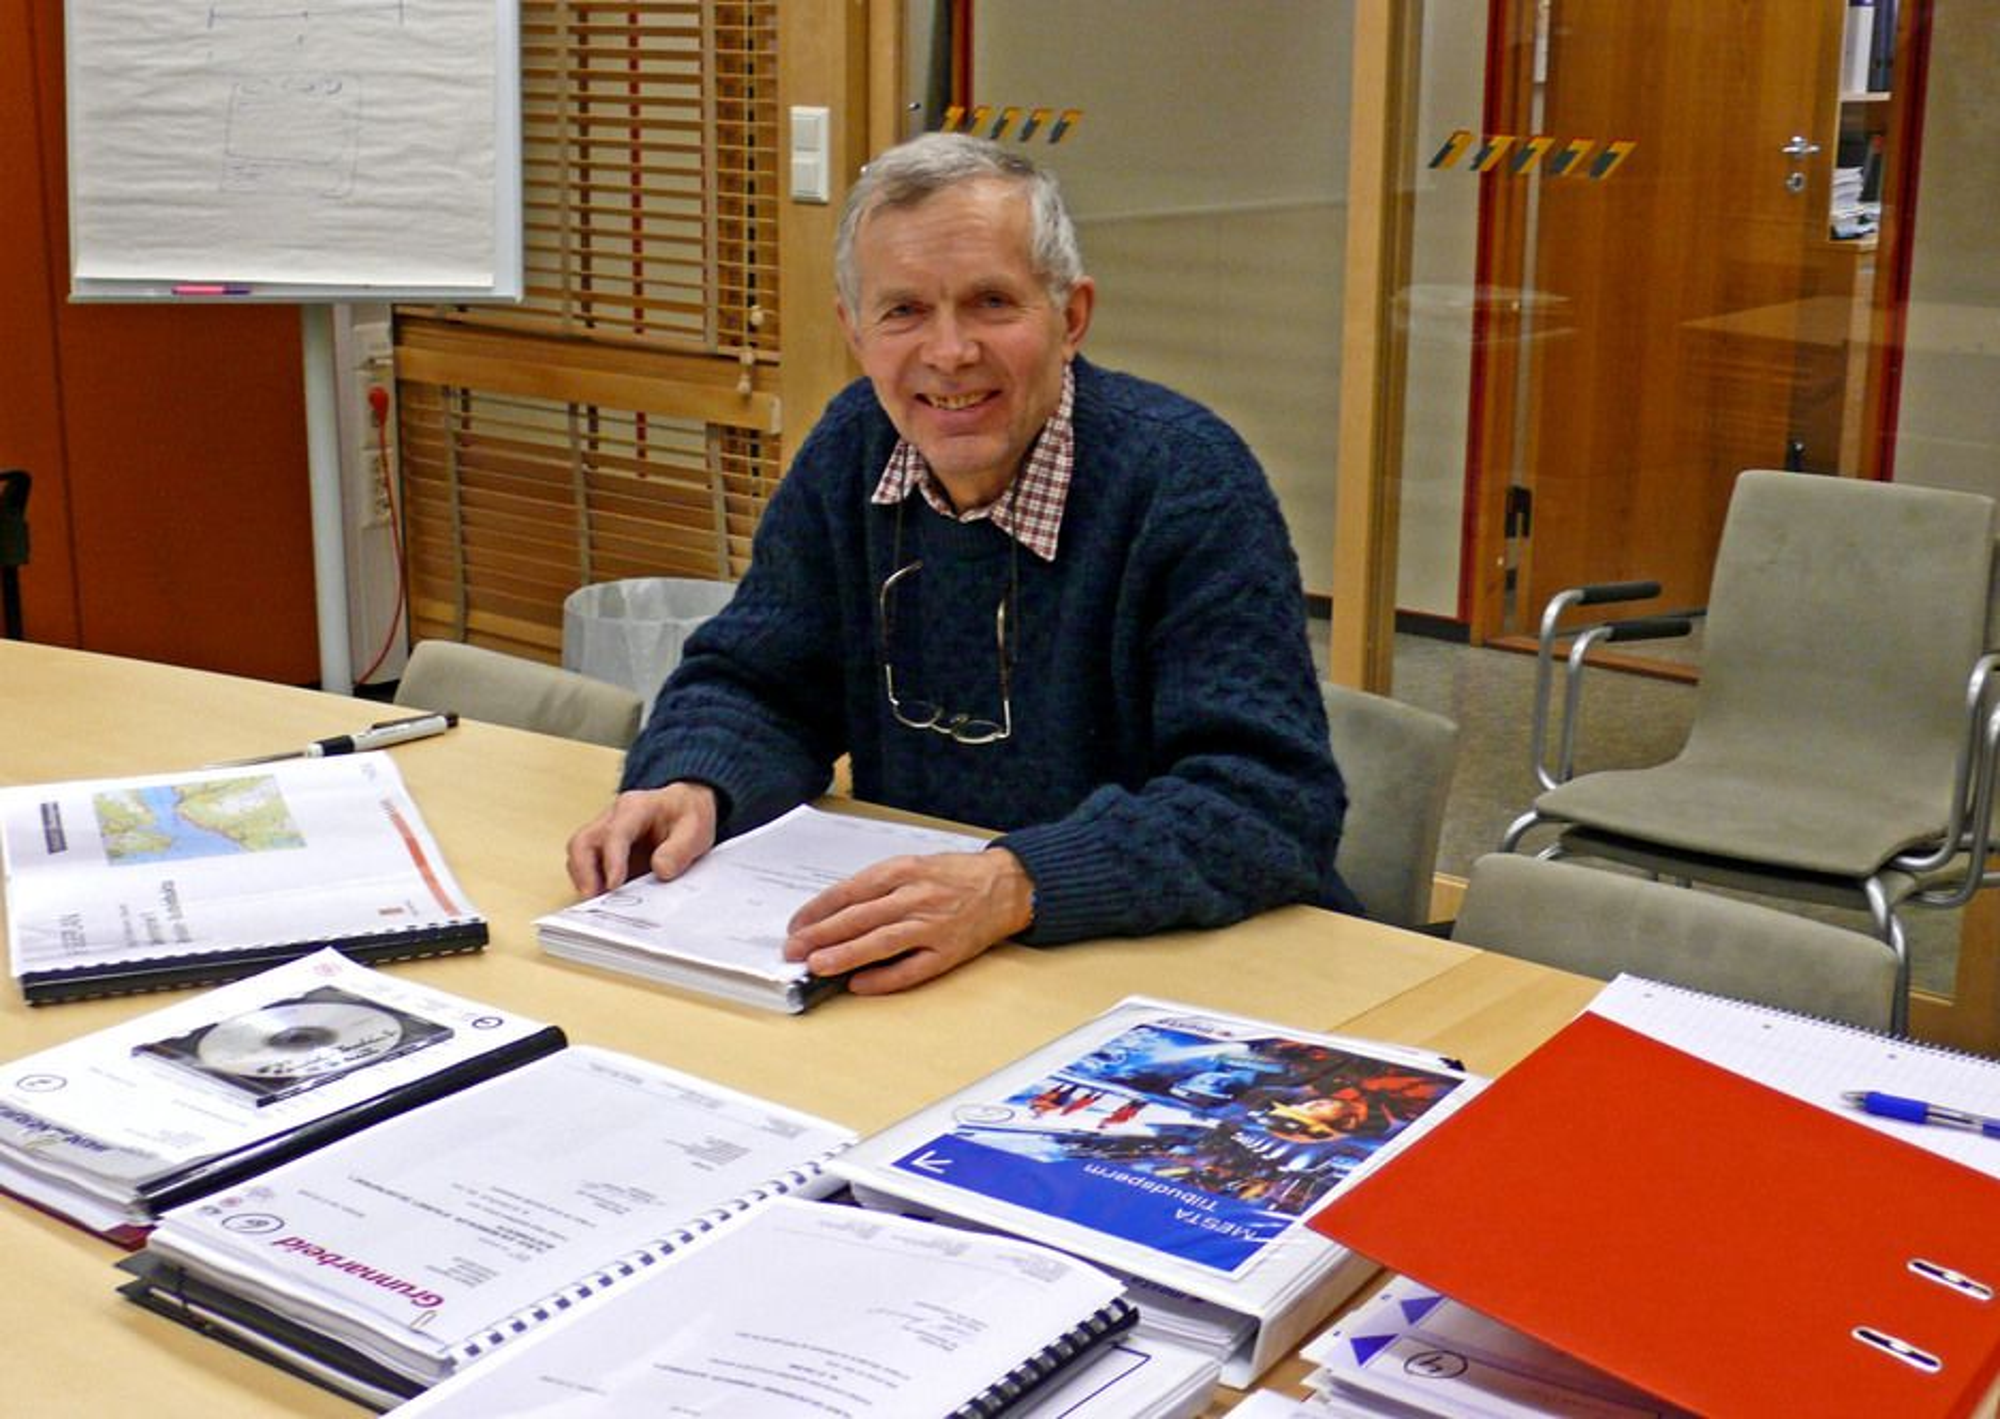 Byggeleder Leif Husby i Region Midt er godt fornøyd med resultatet av anbudskonkurransen om første entreprise på utbedringen av E 39 mellom Renndalen og Staurset. (Foto: Reidun Øverland, Statens vegvesen)